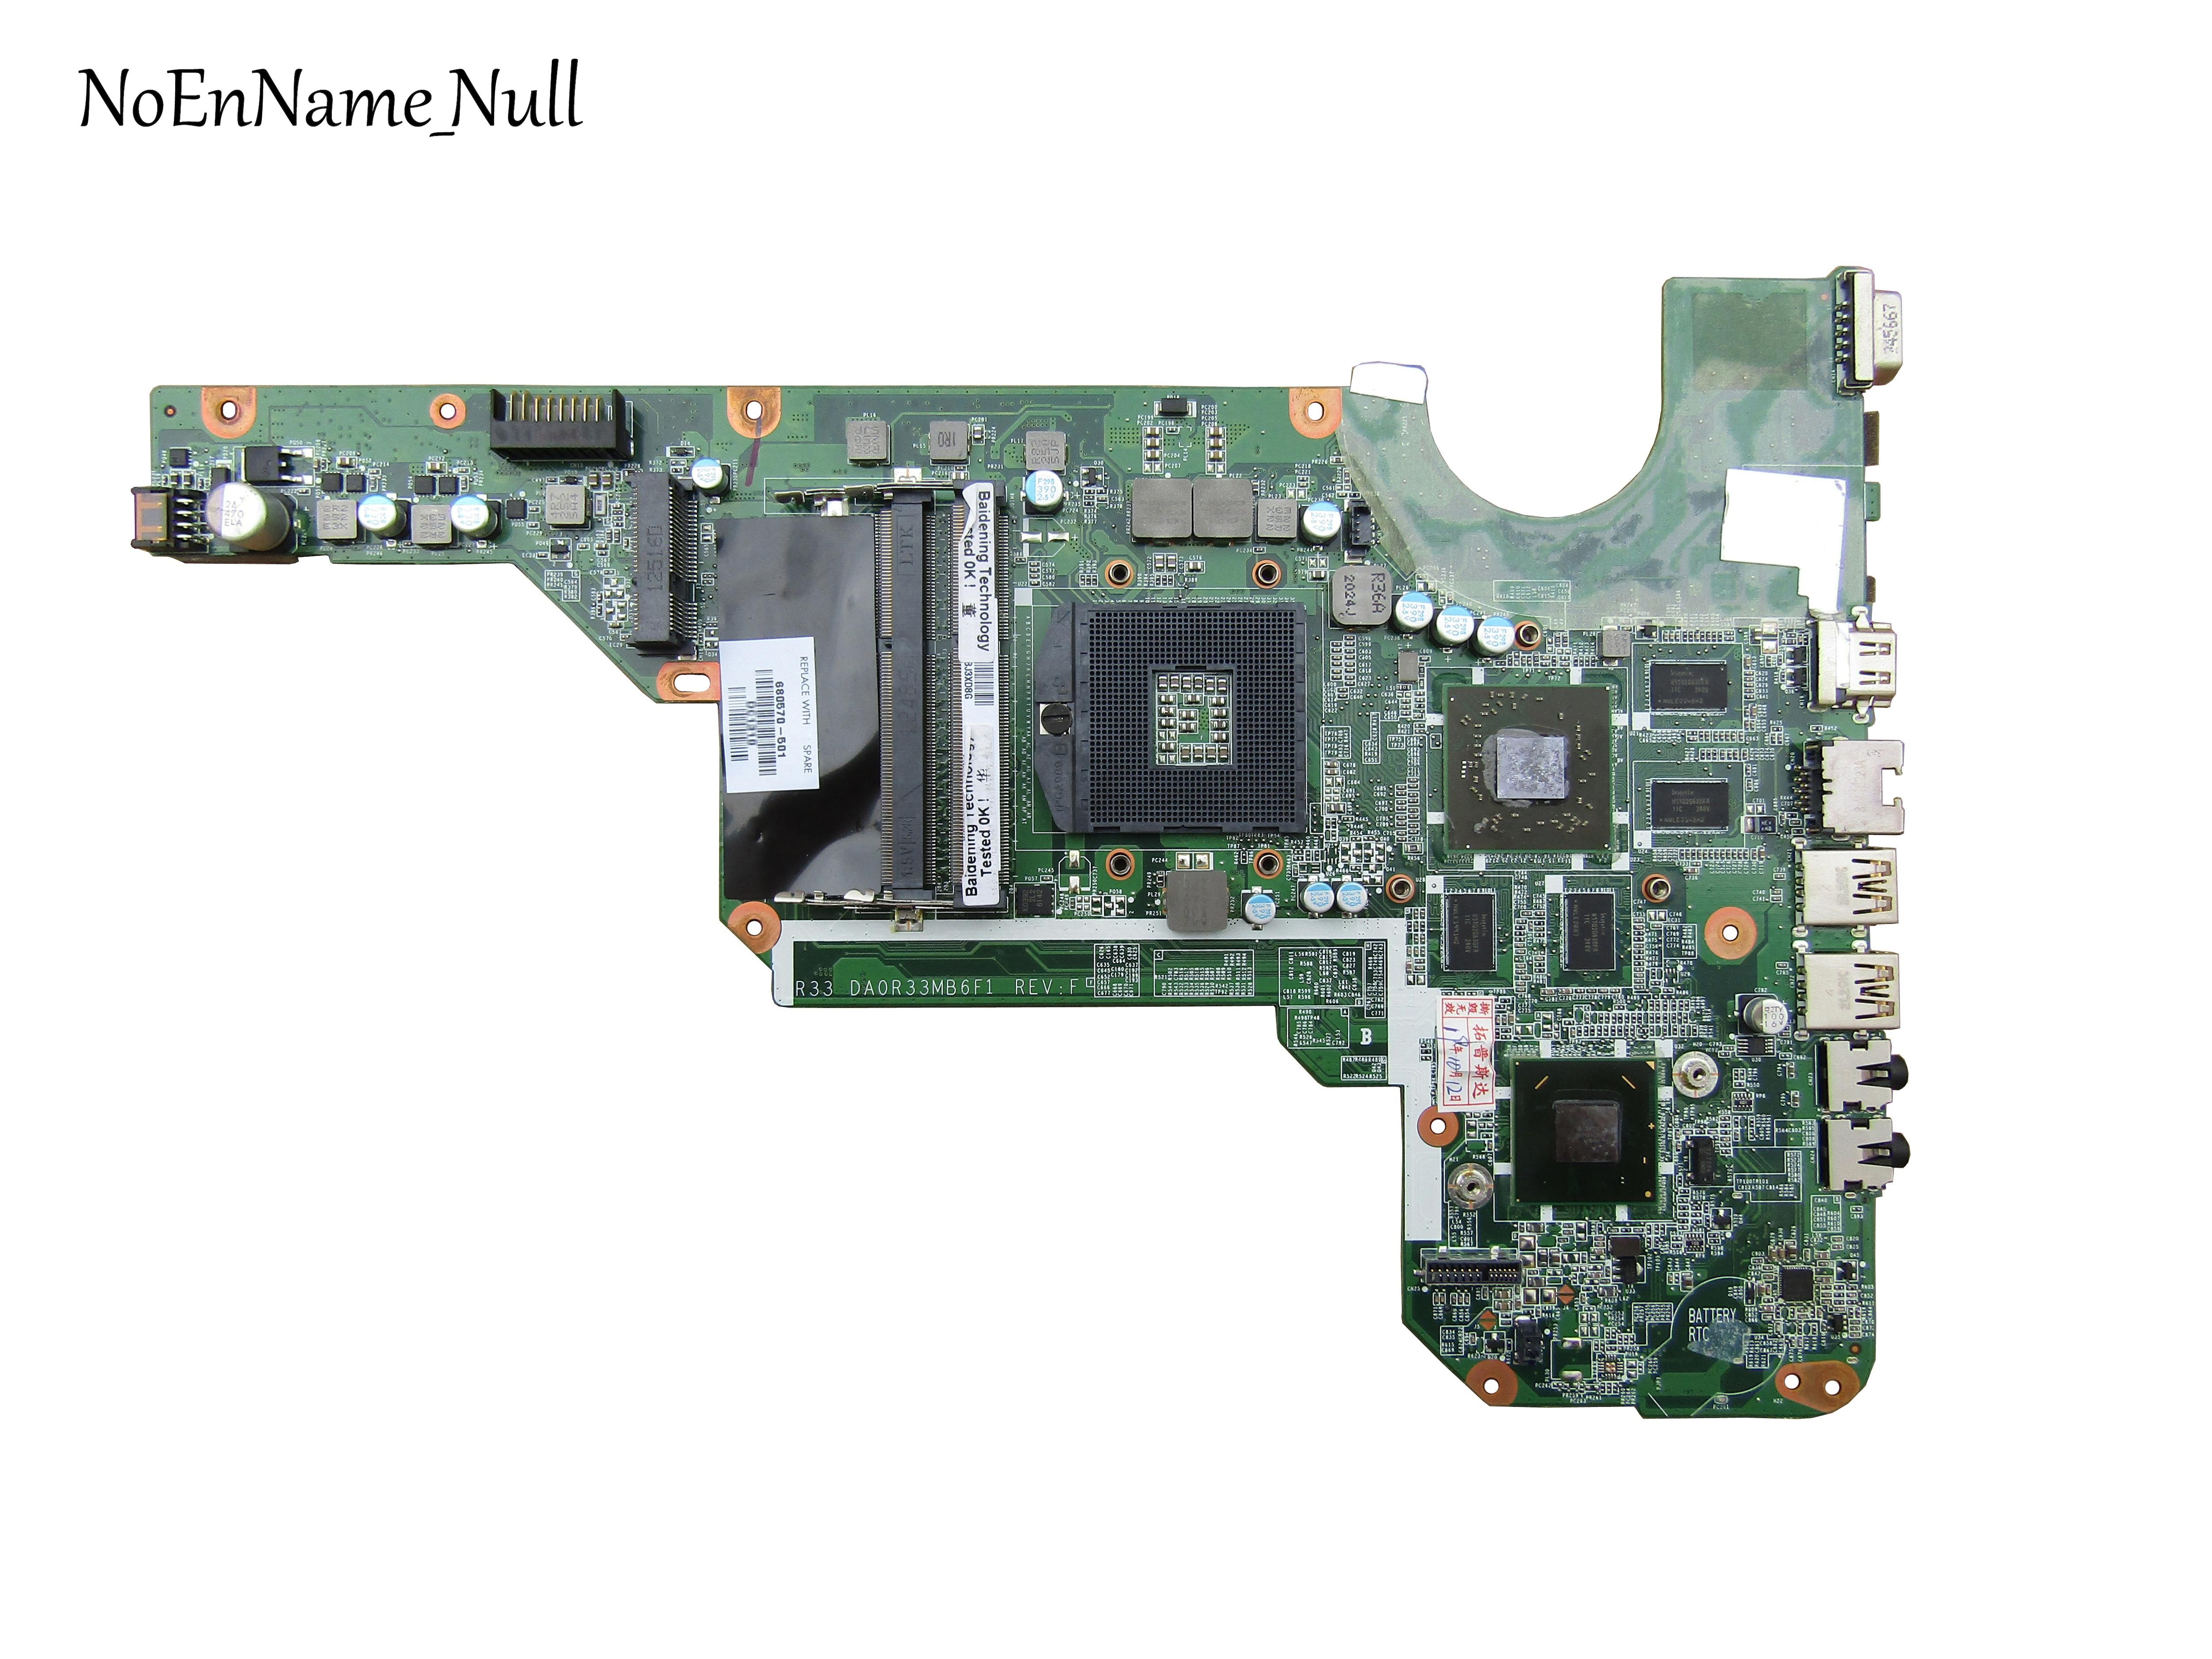 ل HP G4-2000 G6-2000 G7-2000 680570-001 اللوحة المحمول 680570-501 DA0R33MB6F1 DA0R33MB6F0 HM76 HD 7670M 2GB